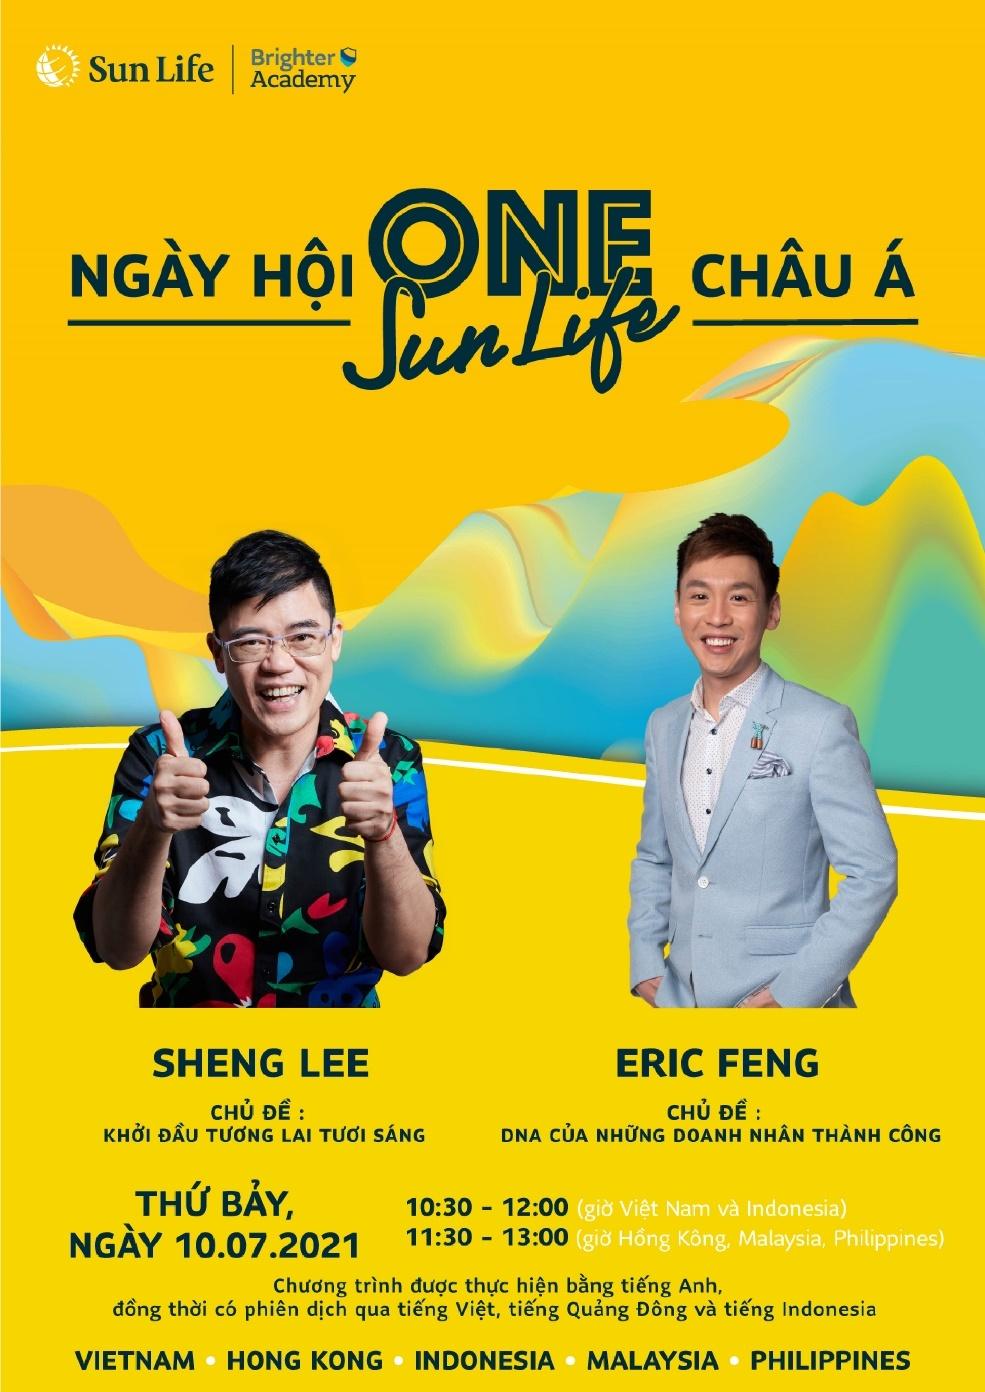 Ngày hội One Sun Life châu Á là cơ hội cho những người trẻ muốn tìm hiểu về ngành tư vấn tài chính.